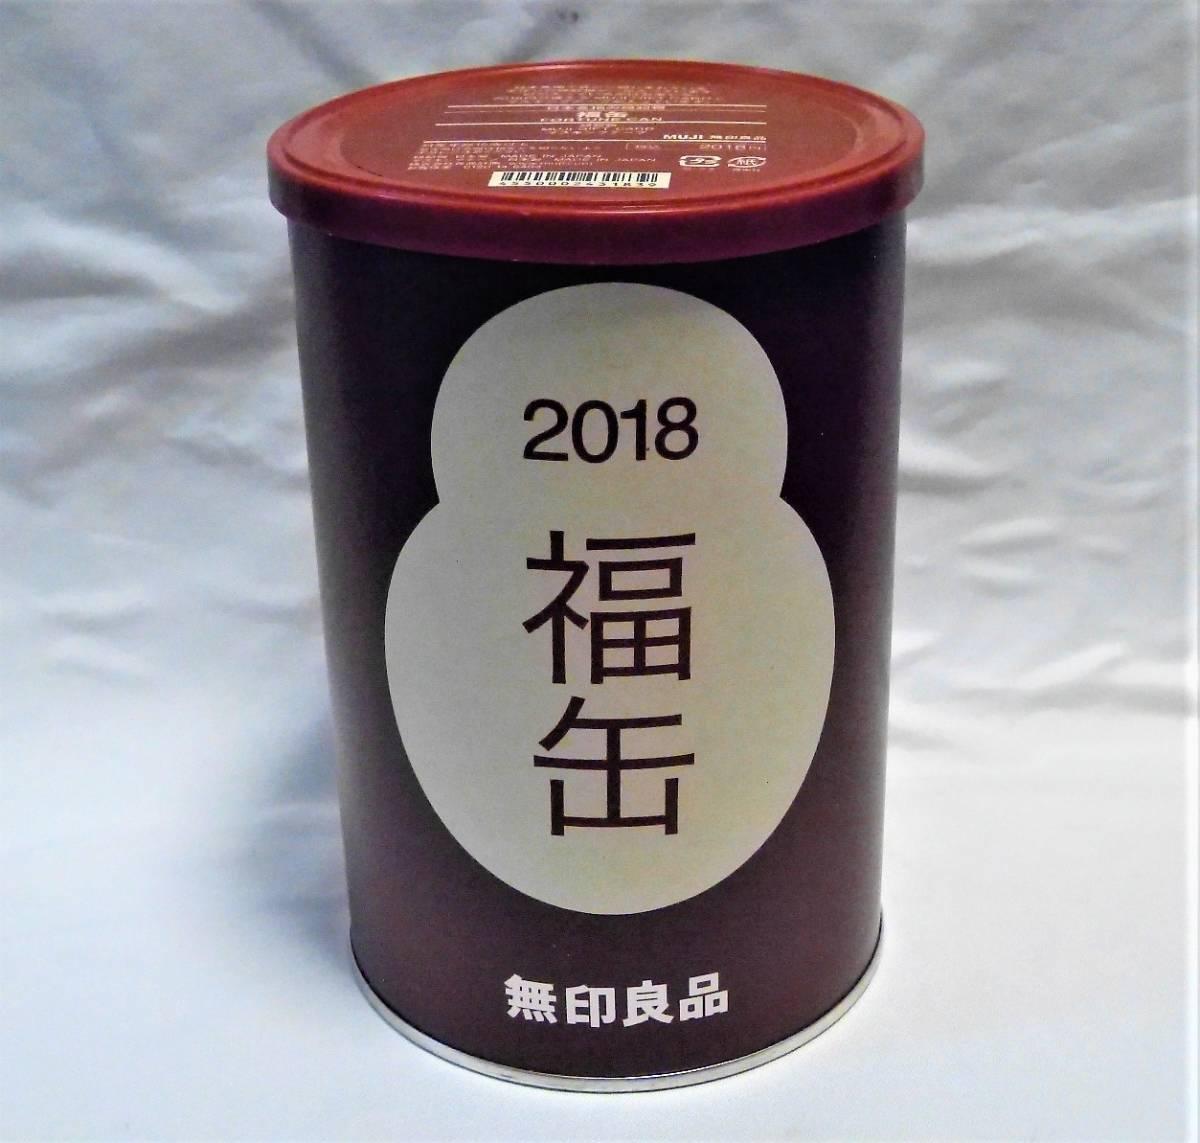 無印良品 2018 福缶 カードなし 検 郷土玩具 張り子 招き猫 土人形_画像2